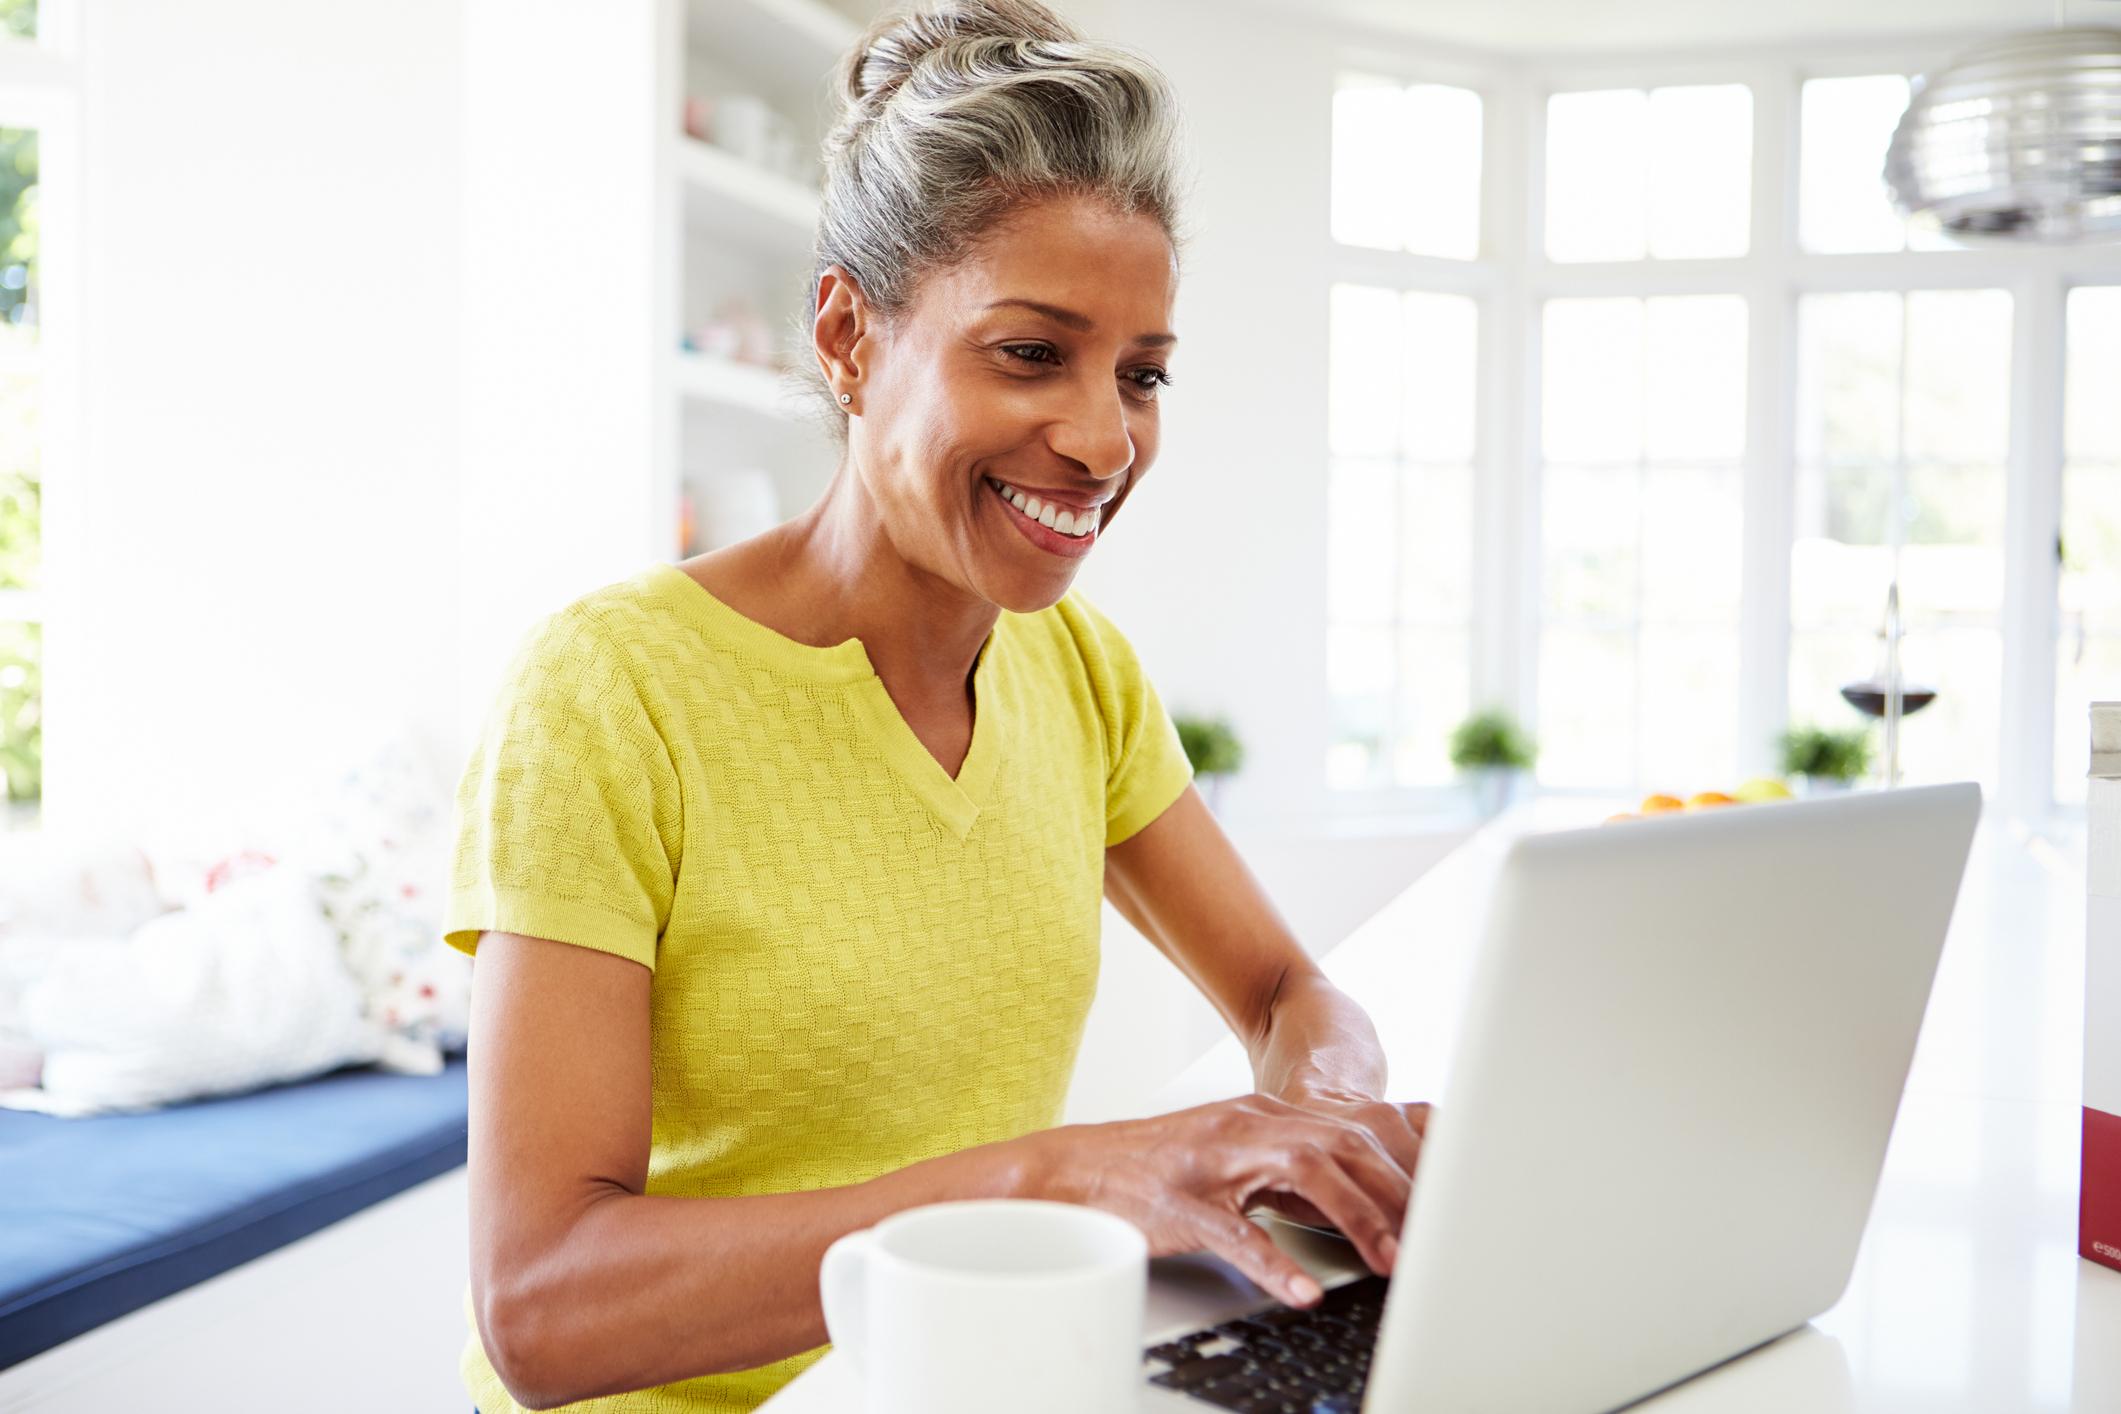 Smiling older woman at laptop